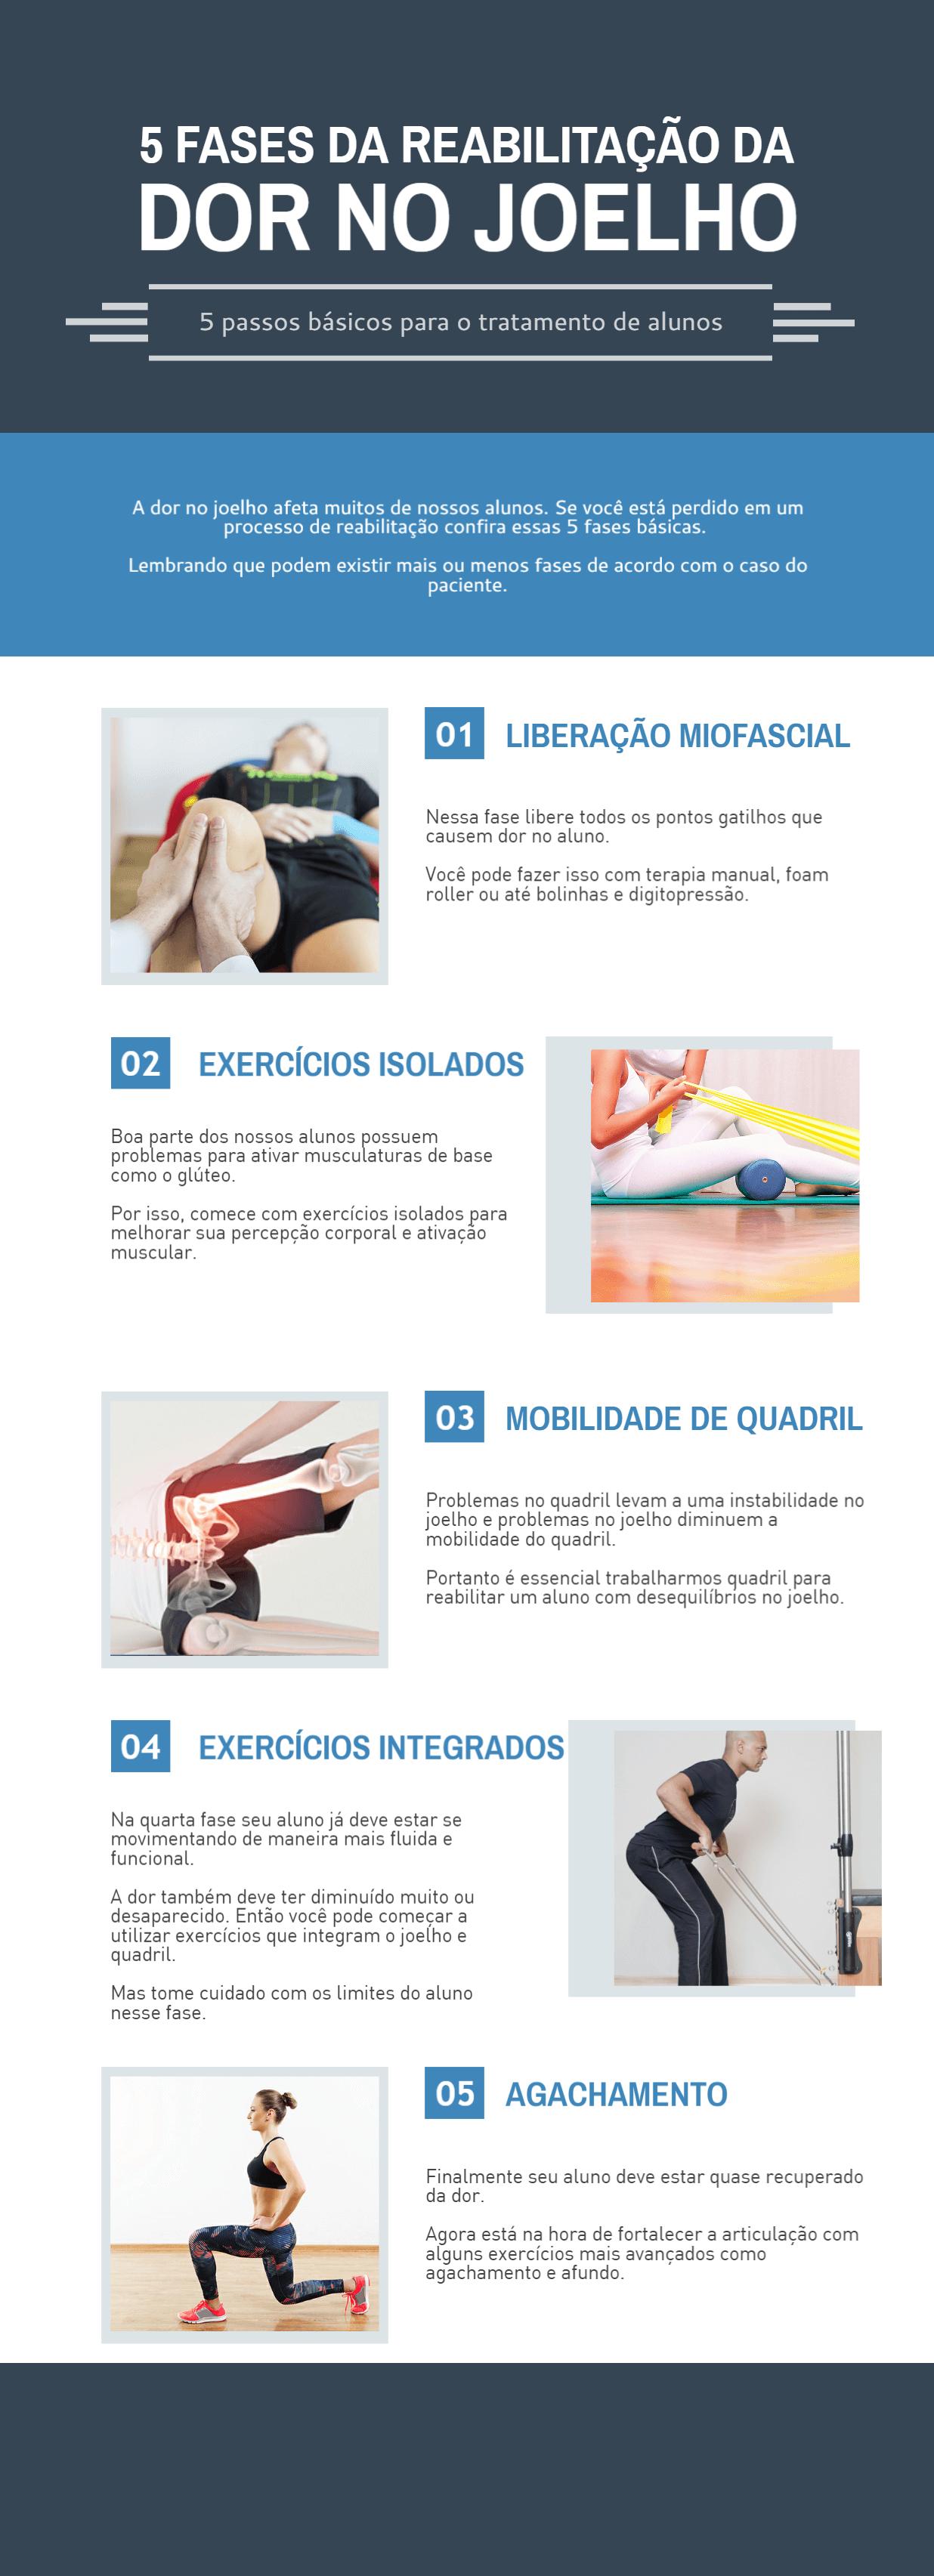 5-fases-dor-no-joelho